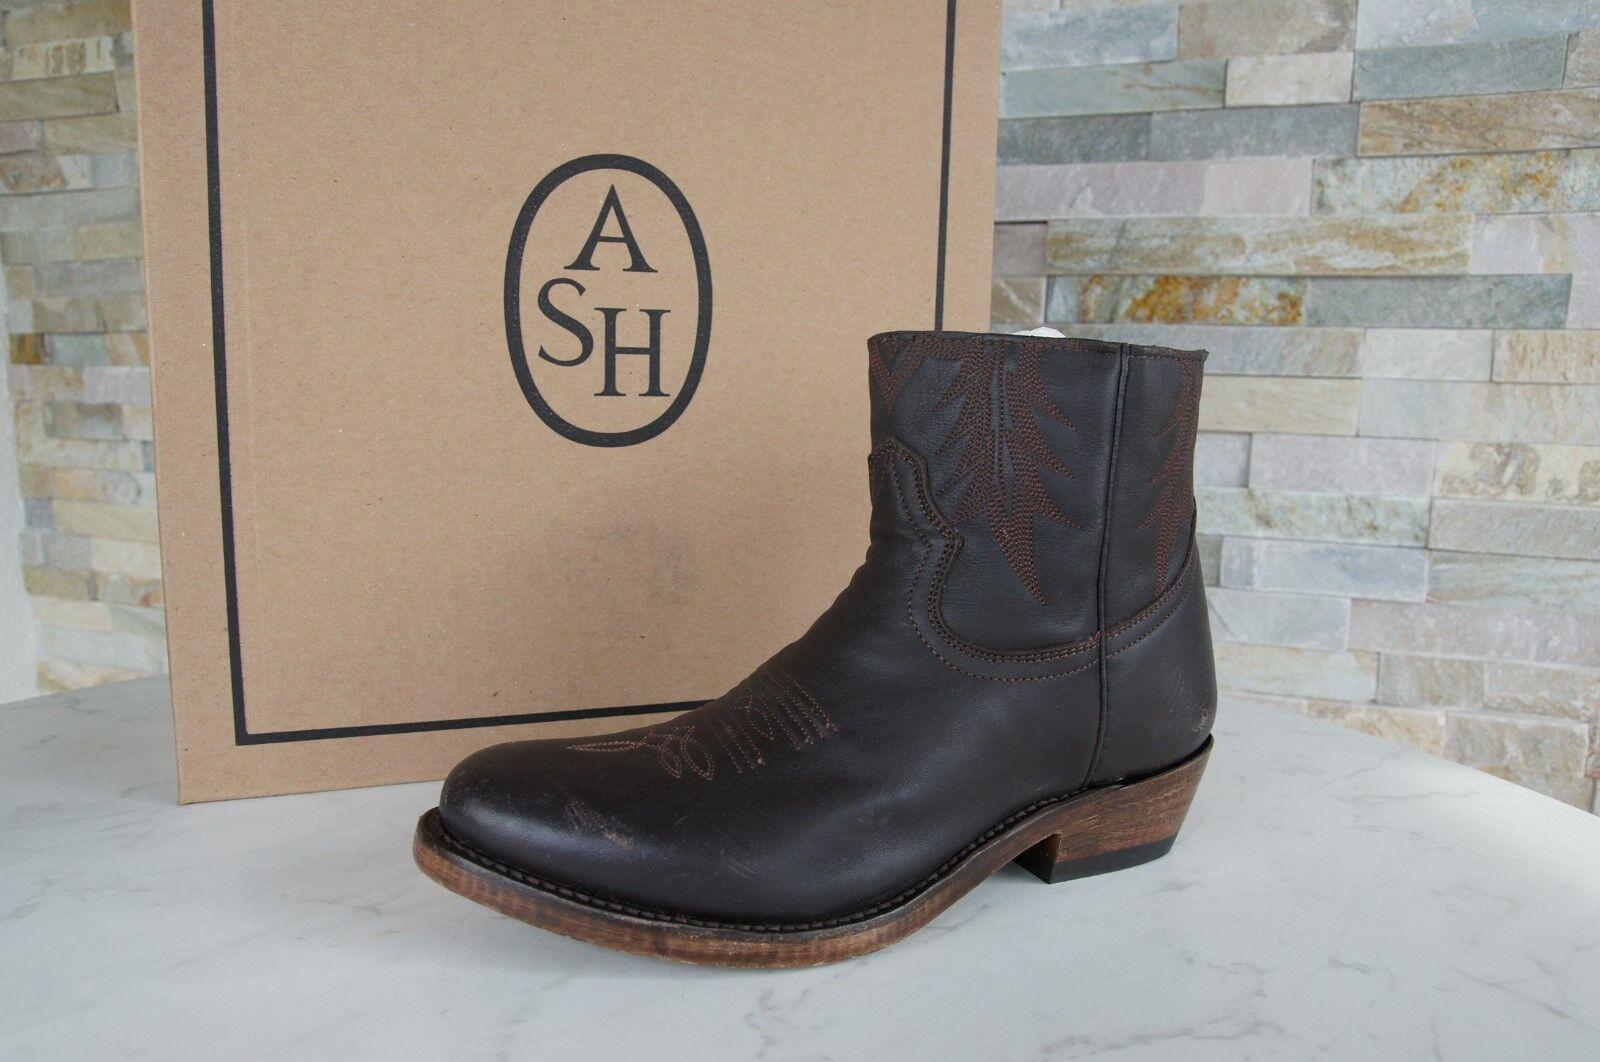 Ash GR 38 botas zapatos botines vintage Country príncipe marrón NUEVO